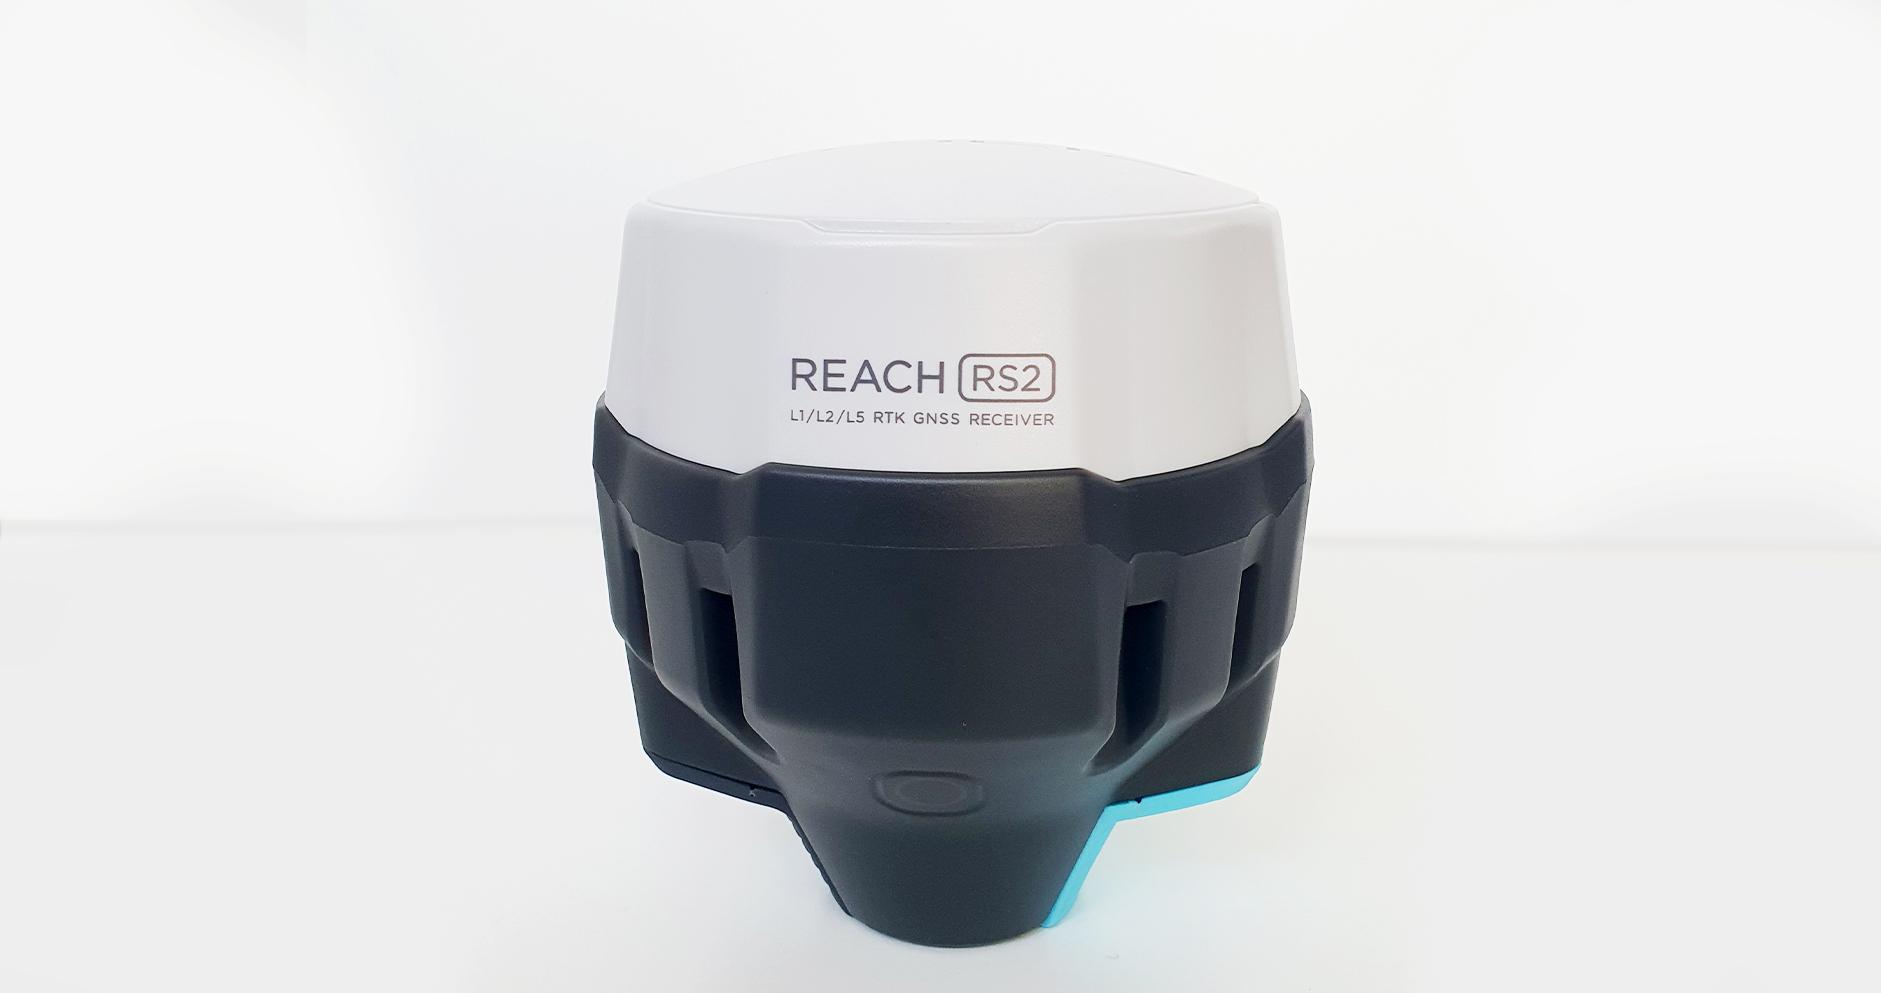 Reach_rs2_1.jpg